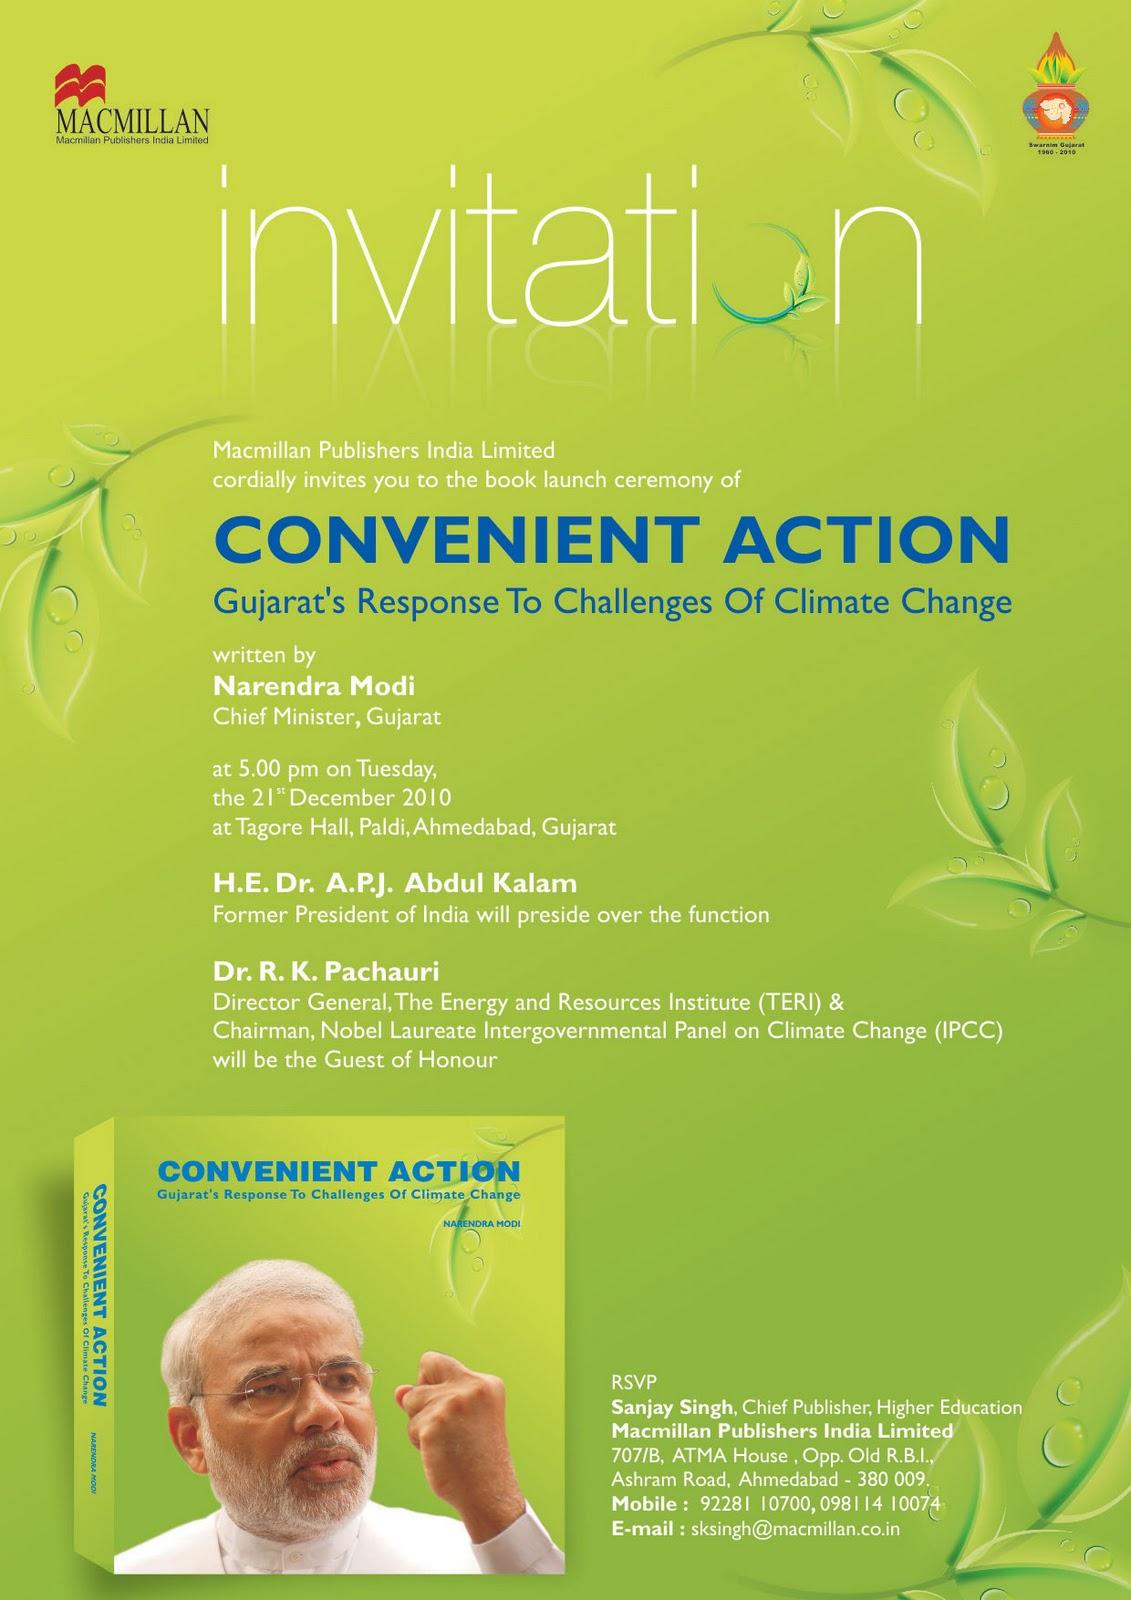 The Journalist: Hon'ble CM Narendra Modi's book launch invitation